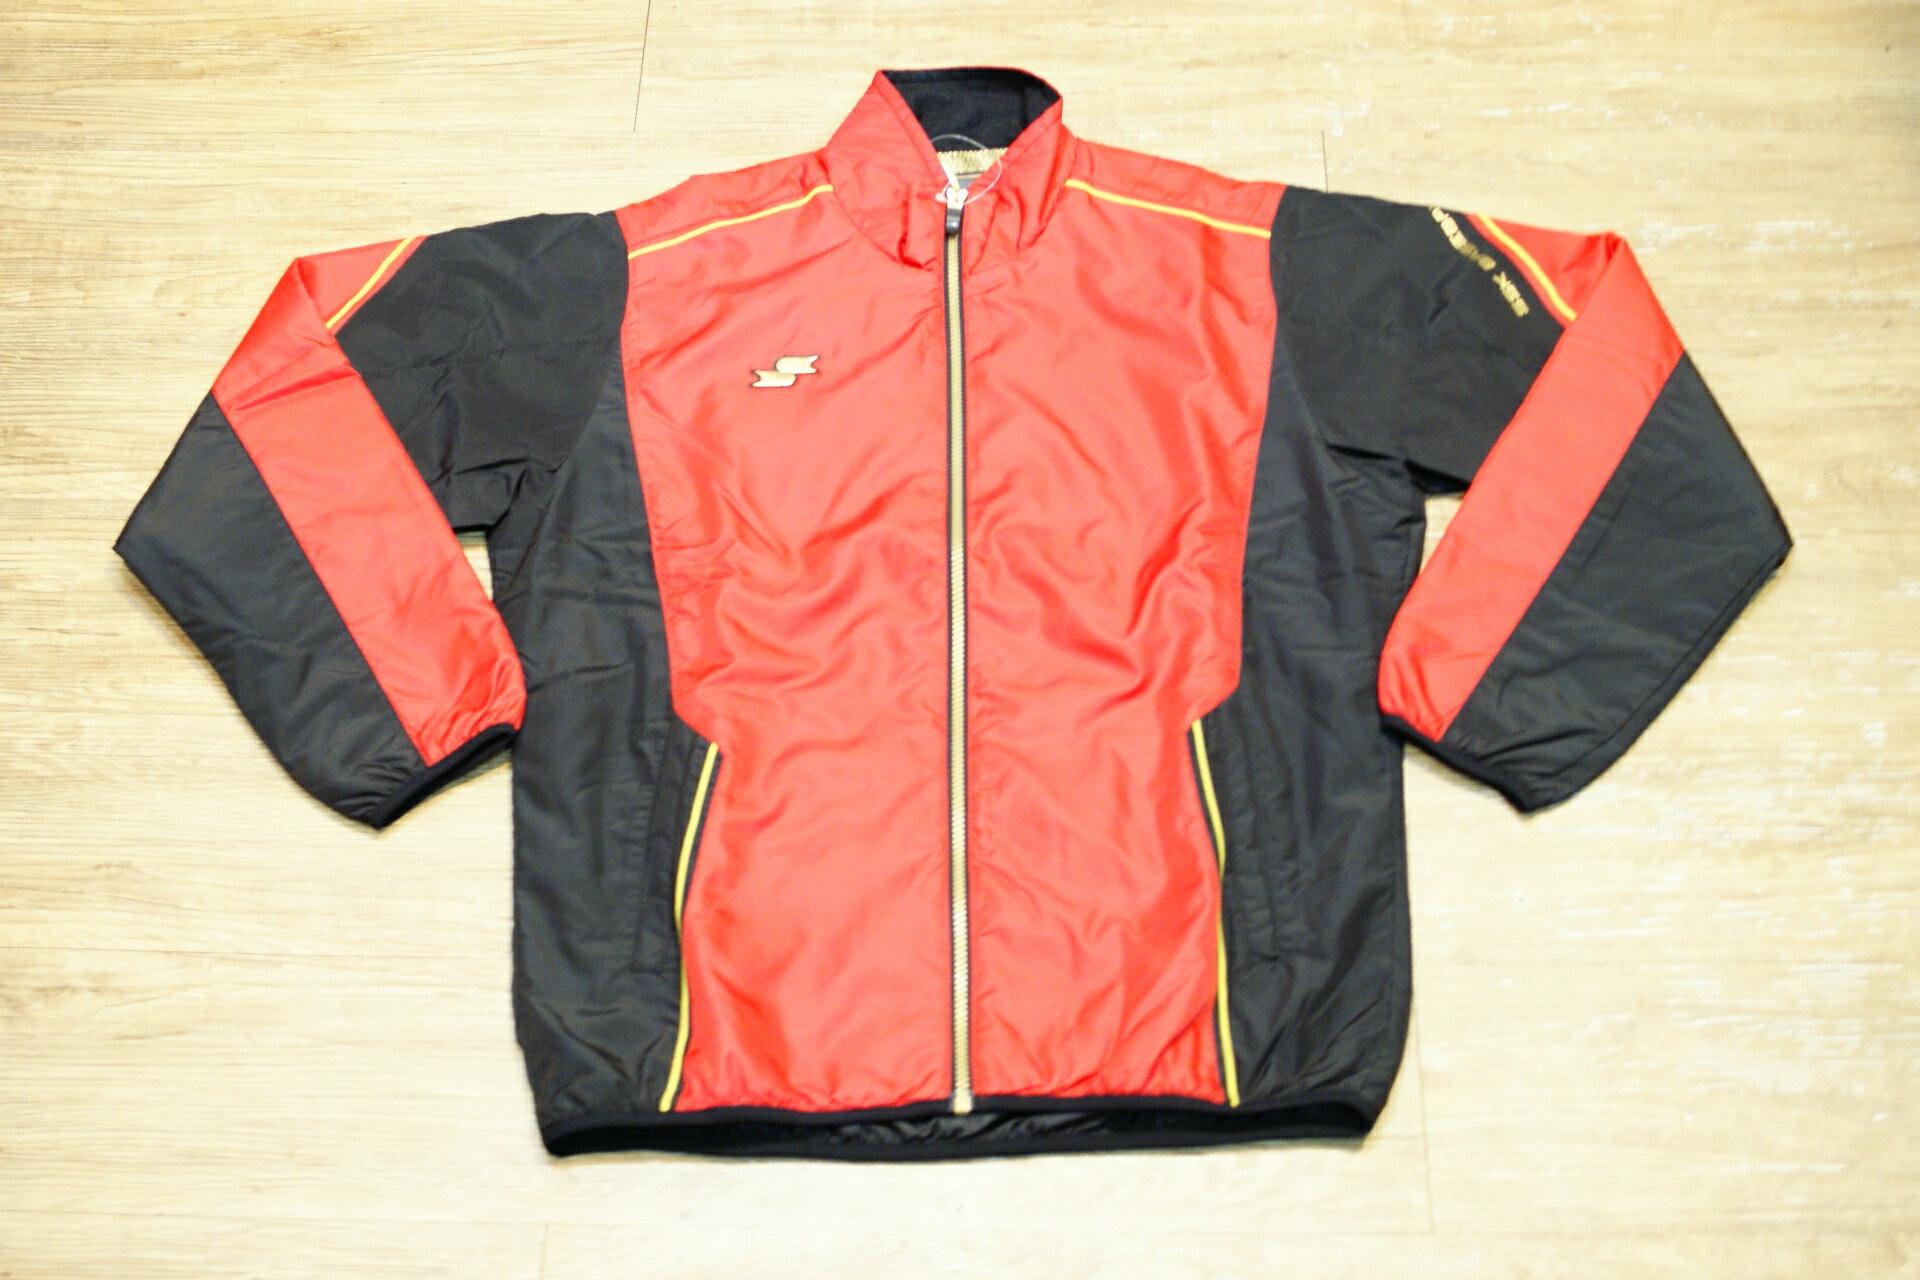 棒球世界 日本進口SSK鋪棉風衣夾克外套 特價 紅黑色